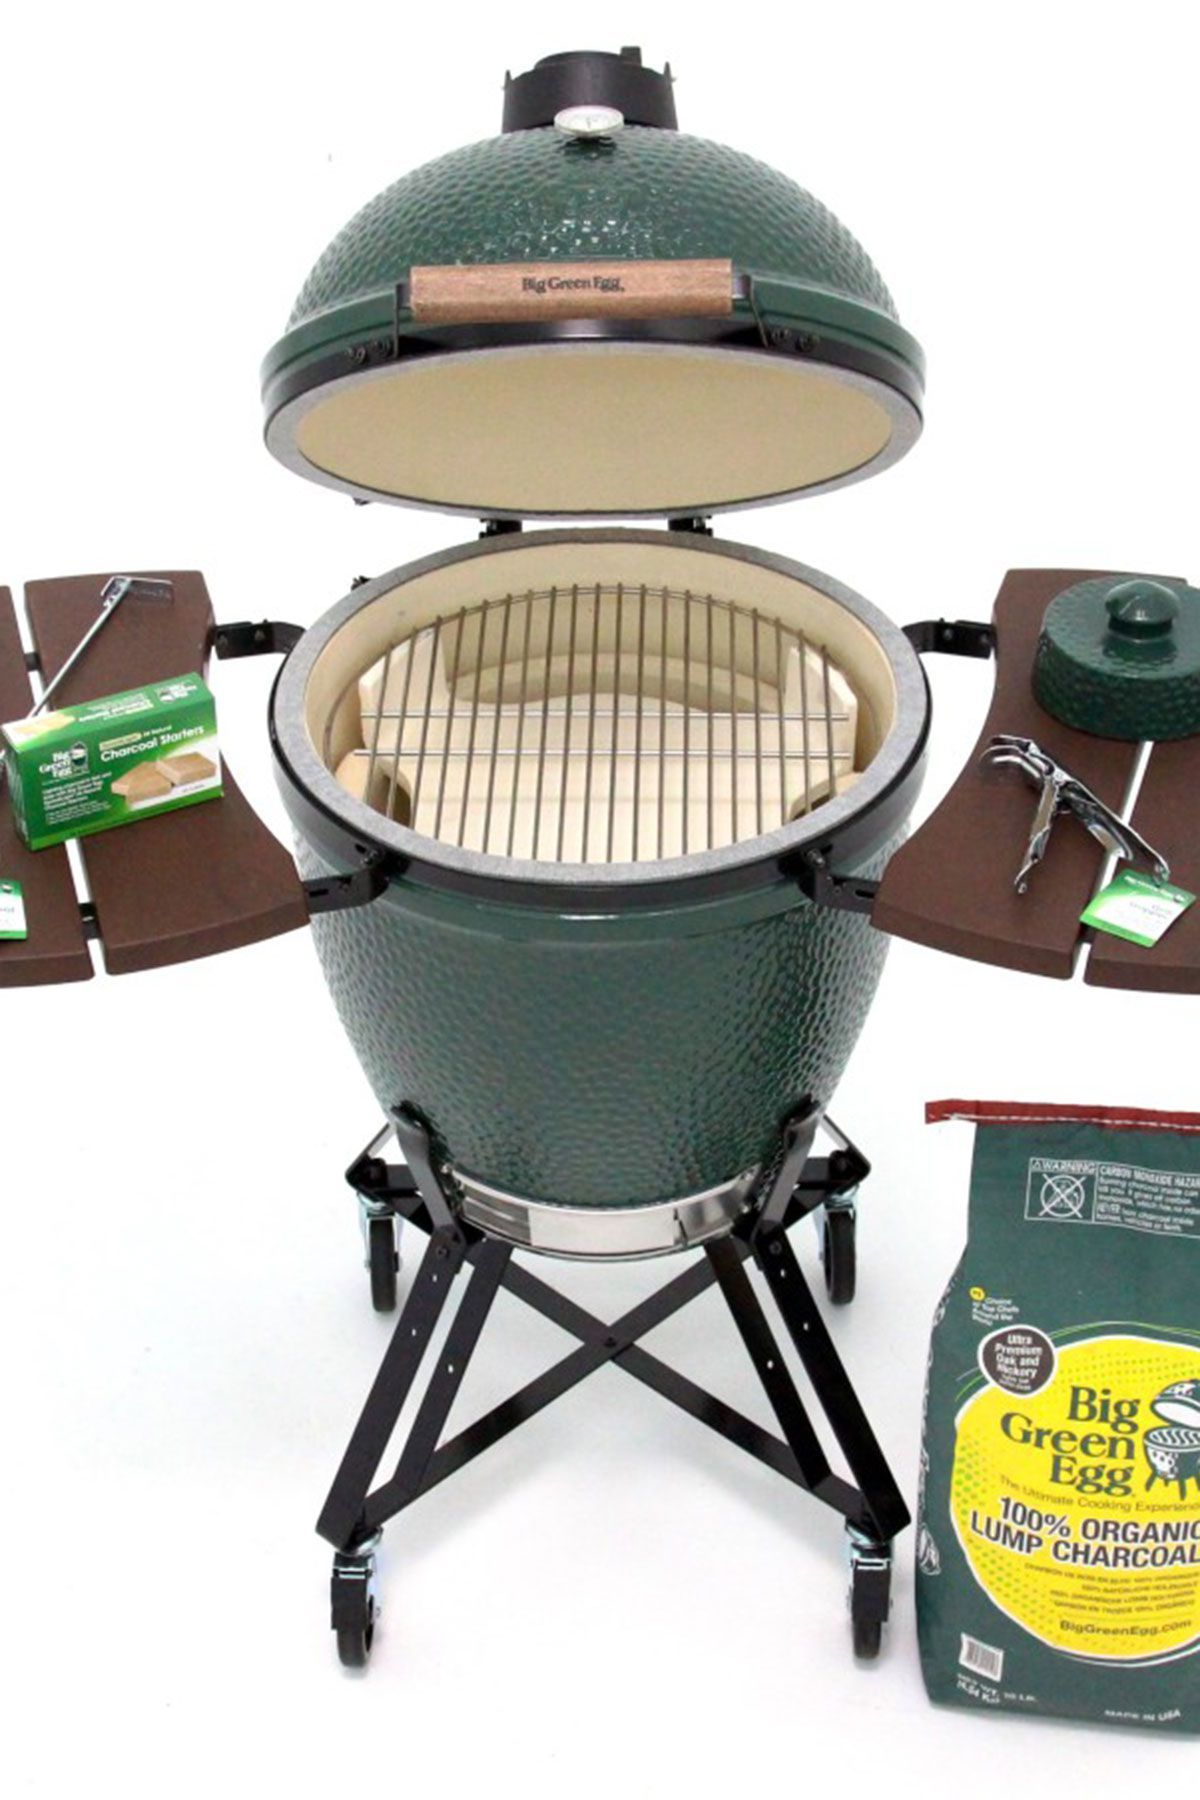 big green egg grill